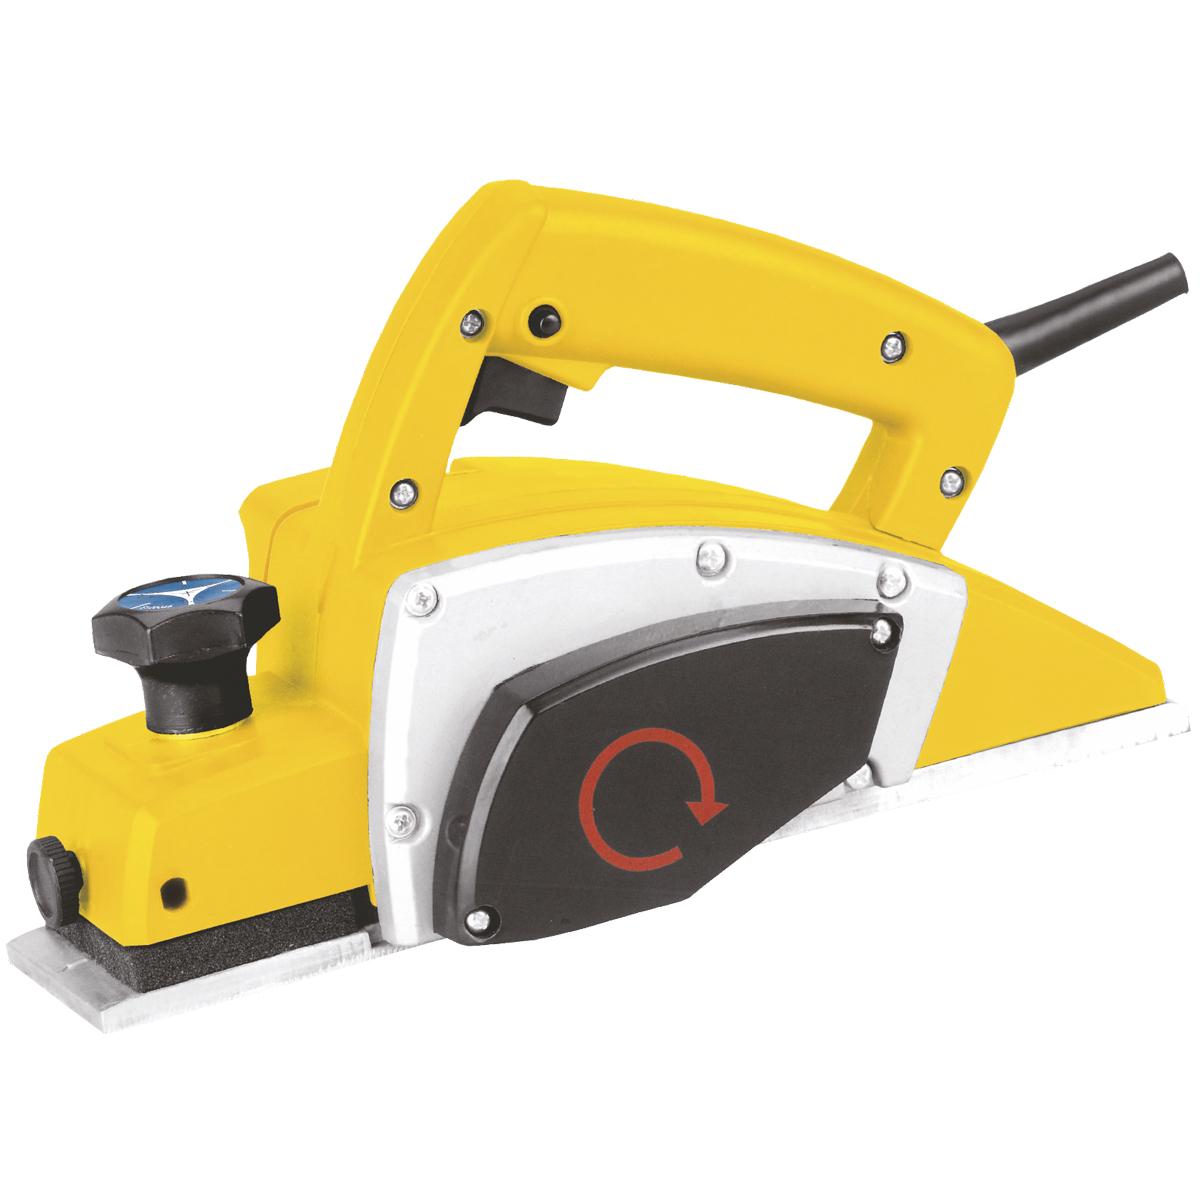 Рубанок электрический Kolner KEP 600кн600еп Частота, Гц: 50 Потребляемая мощность, Вт: 600 Частота оборотов на холостом ходу, об/мин: 16000 Ширина строгания, мм: 82 Глубина строгания, мм: 0-1 Размеры лезвия, мм: 82 х 5,8 х 1,3 Комплектация: параллельный упор, гаечный ключ, правка для ножей, держатель для заточки ножей, угольные щетки